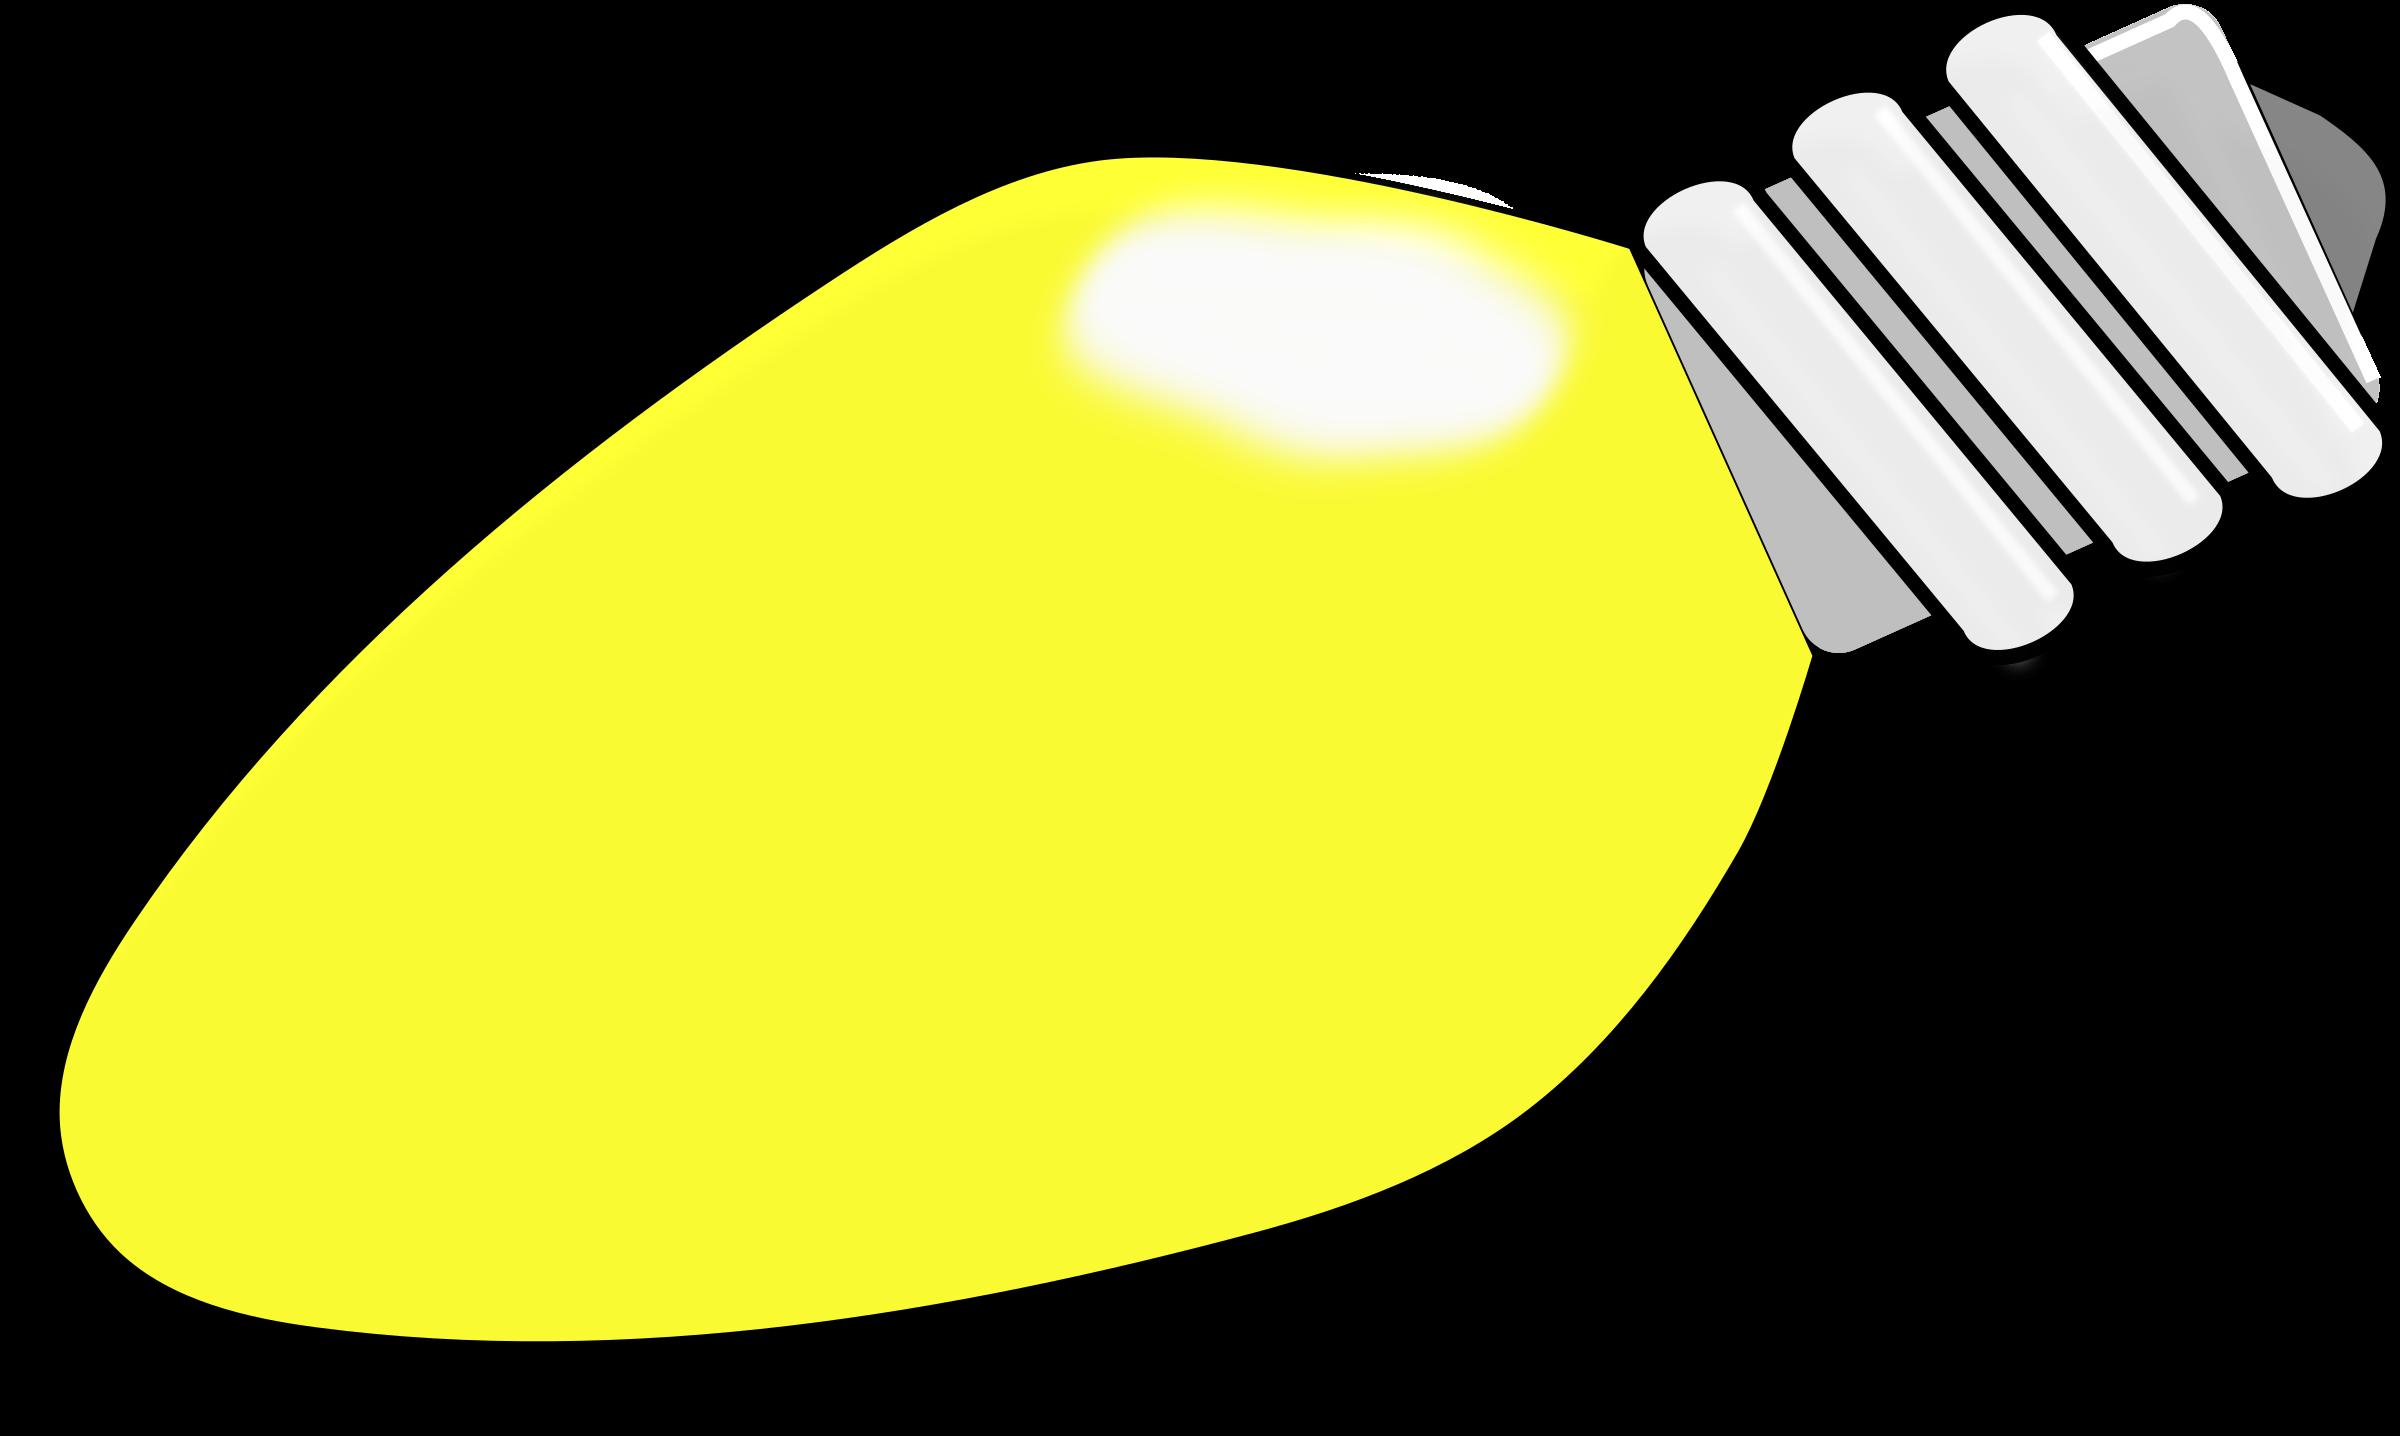 Transparent christmas light clip art - Christmas Lights Clipart Yellow - Large Christmas Light Bulb